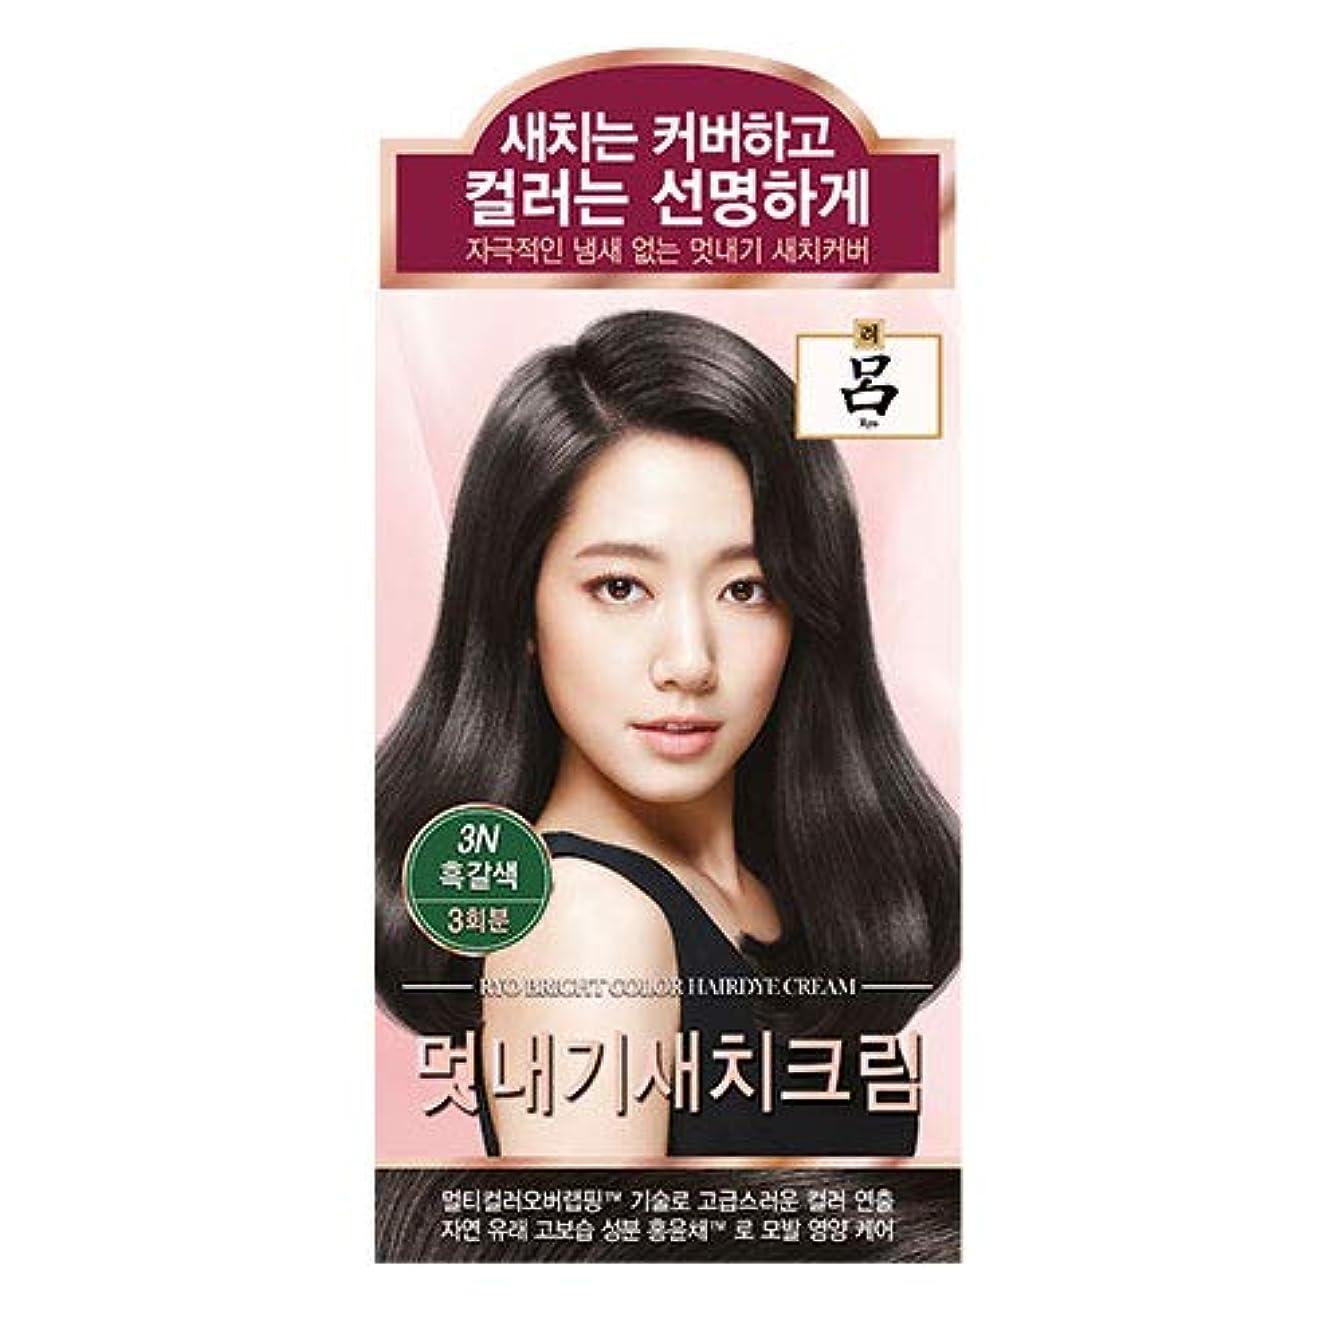 バリケード二次モネアモーレパシフィック呂[AMOREPACIFIC/Ryo] ブライトカラーヘアアイクリーム 3N ダークブラウン/Bright Color Hairdye Cream 3N Dark Brown